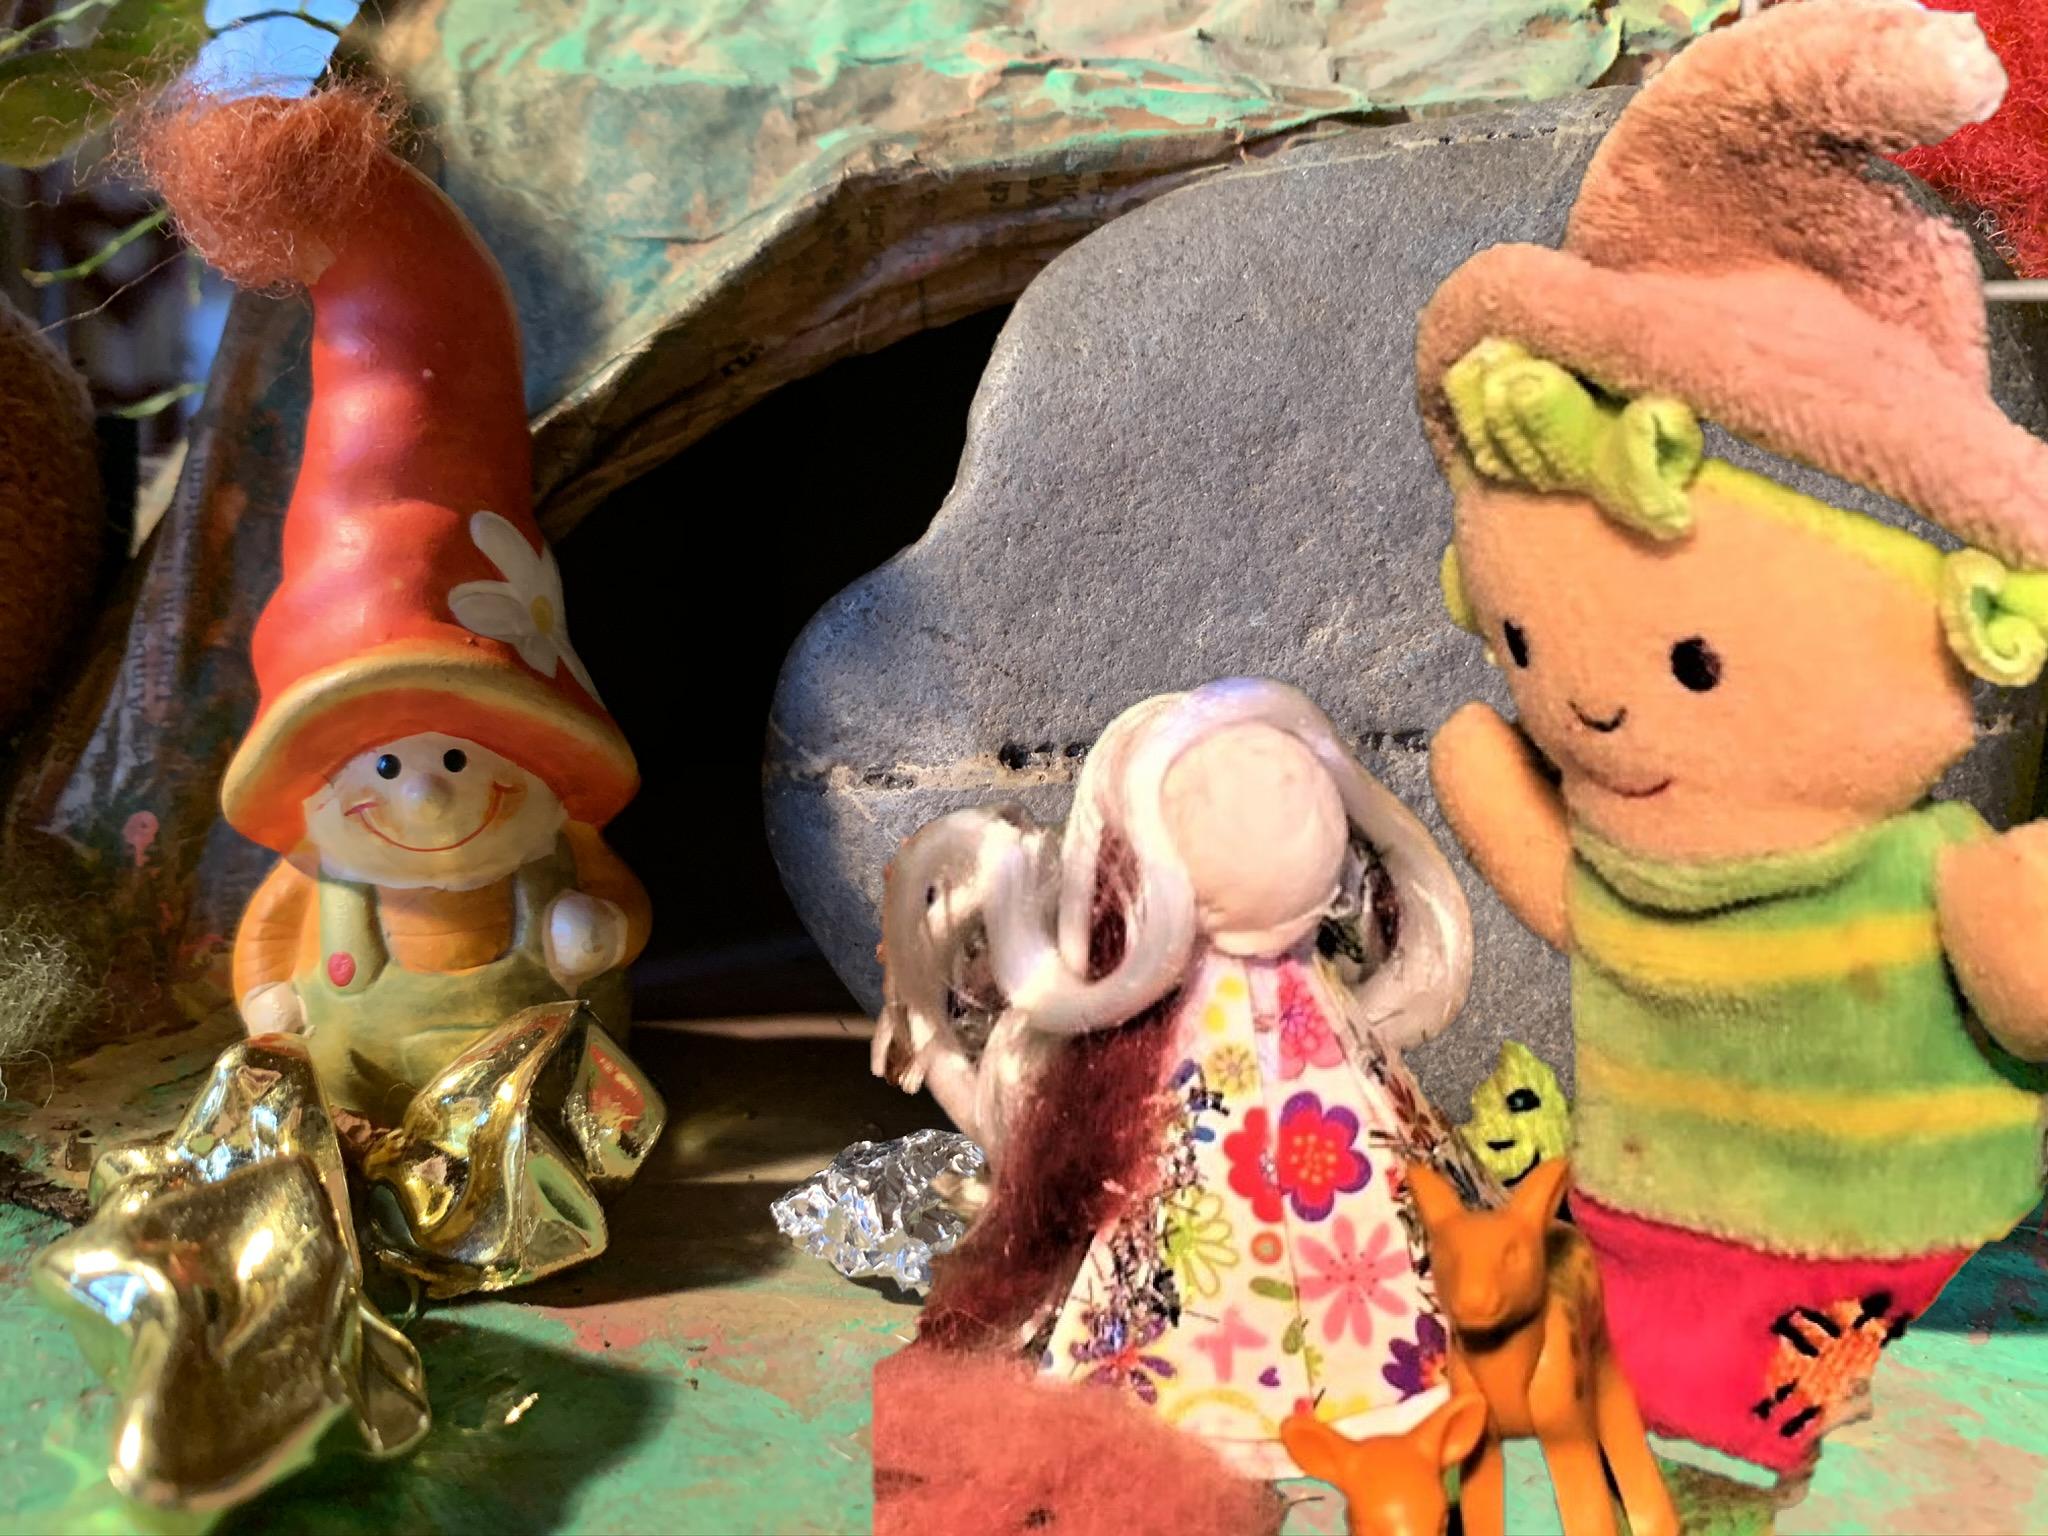 Sehnsucht nach Enkeln in der Corona-Krise macht Cornelia Gurdan zur Märchen-Oma